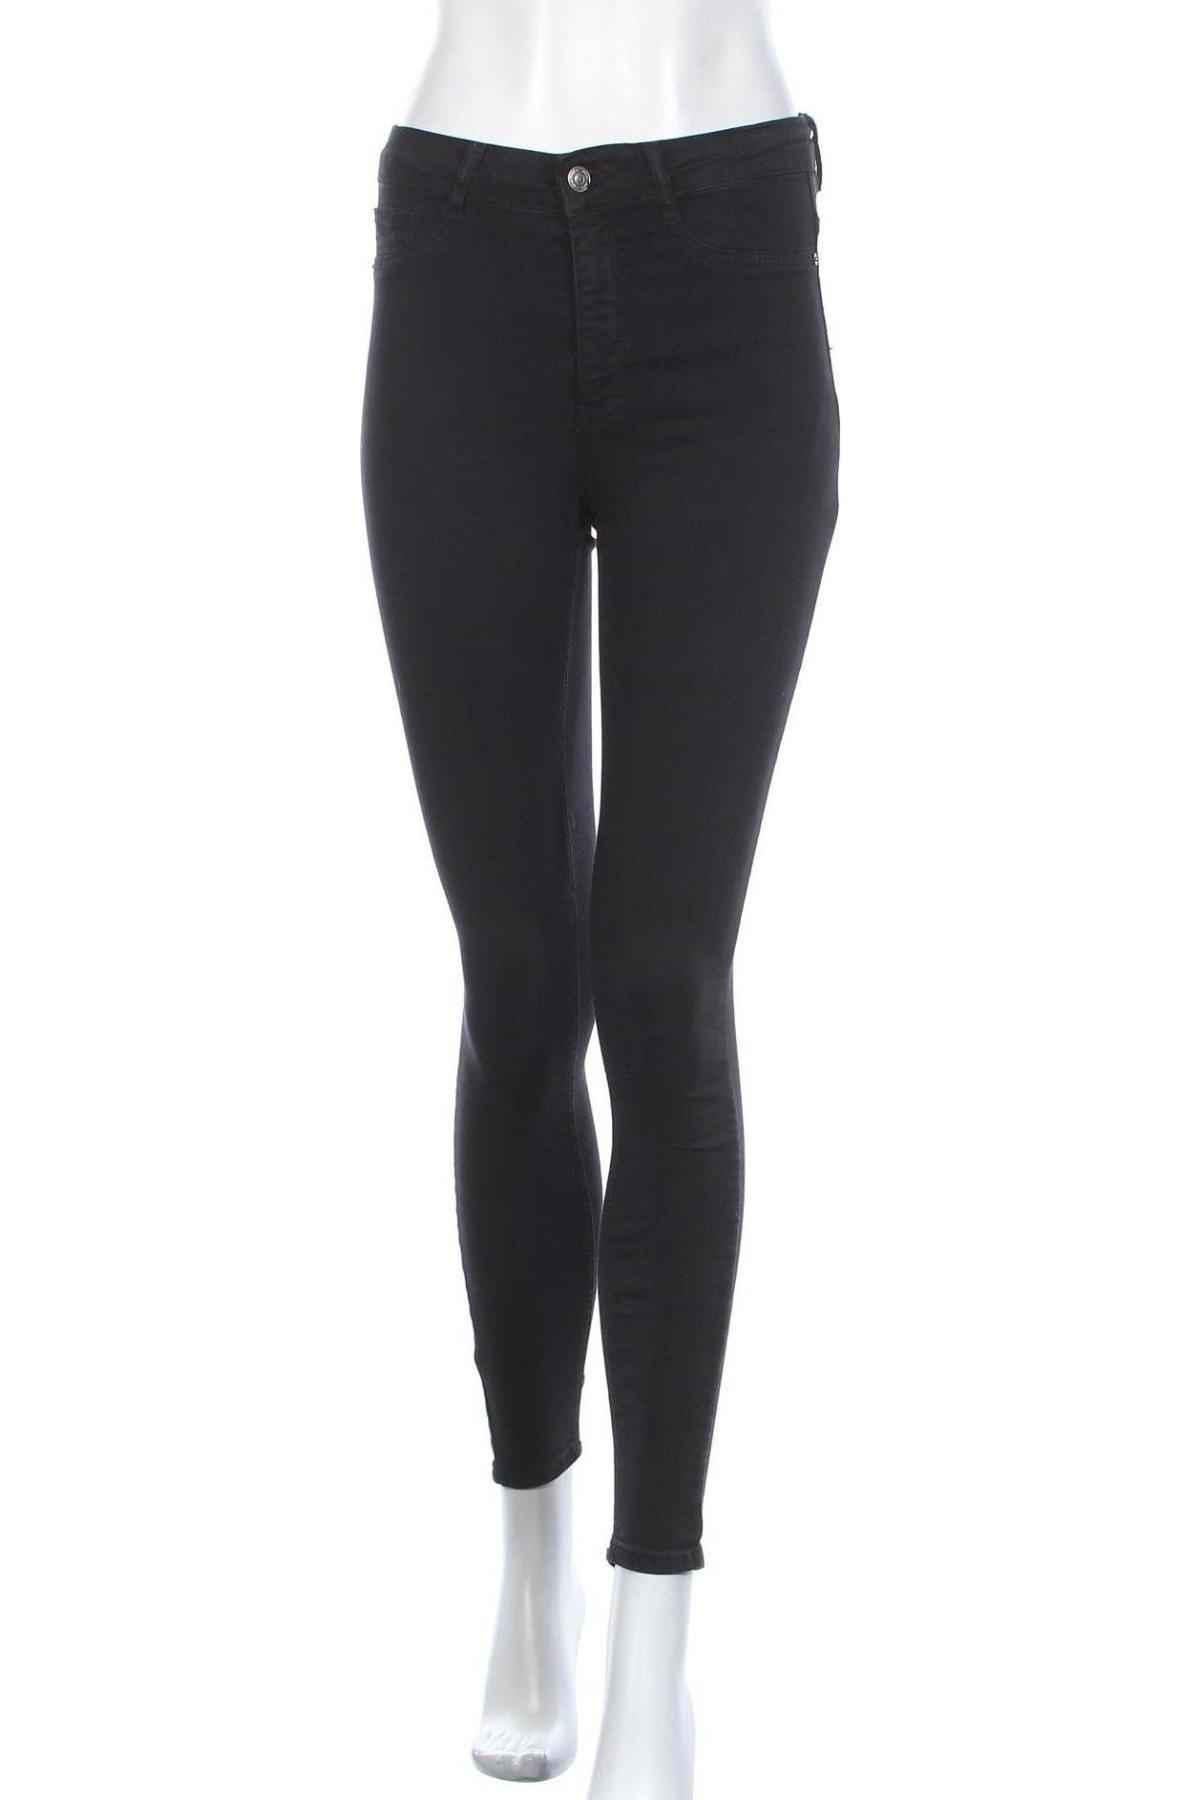 Дамски дънки Perfect Jeans By Gina Tricot, Размер S, Цвят Черен, 98% памук, 2% еластан, Цена 38,08лв.